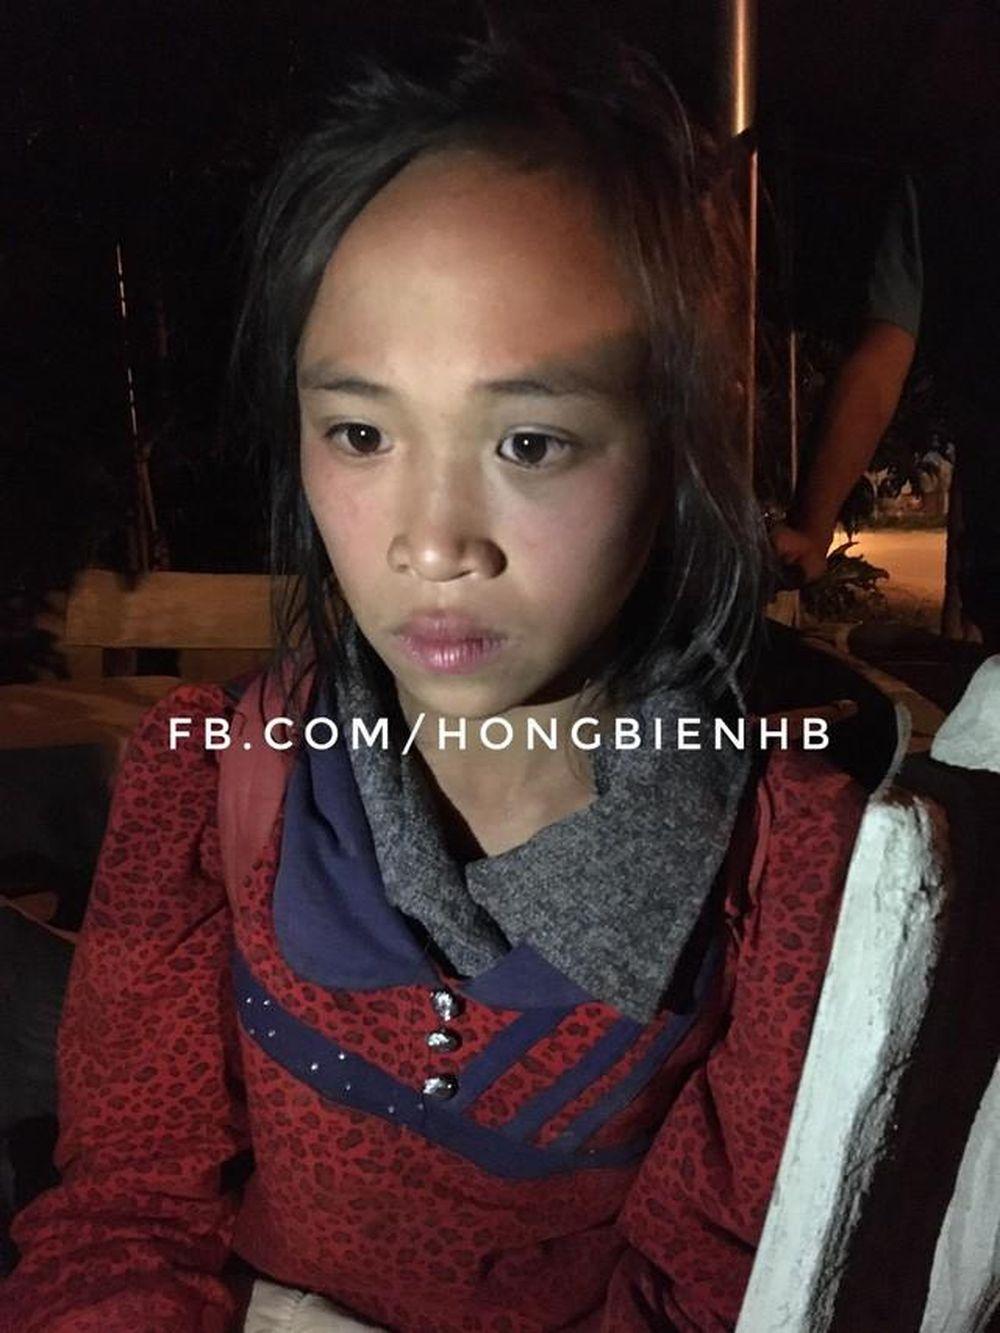 Thực hư thông tin 3 bé gái nghi bị bắt cóc từ Sơn La mang xuống Hòa Bình -  Báo Gia Đình & Xã Hội